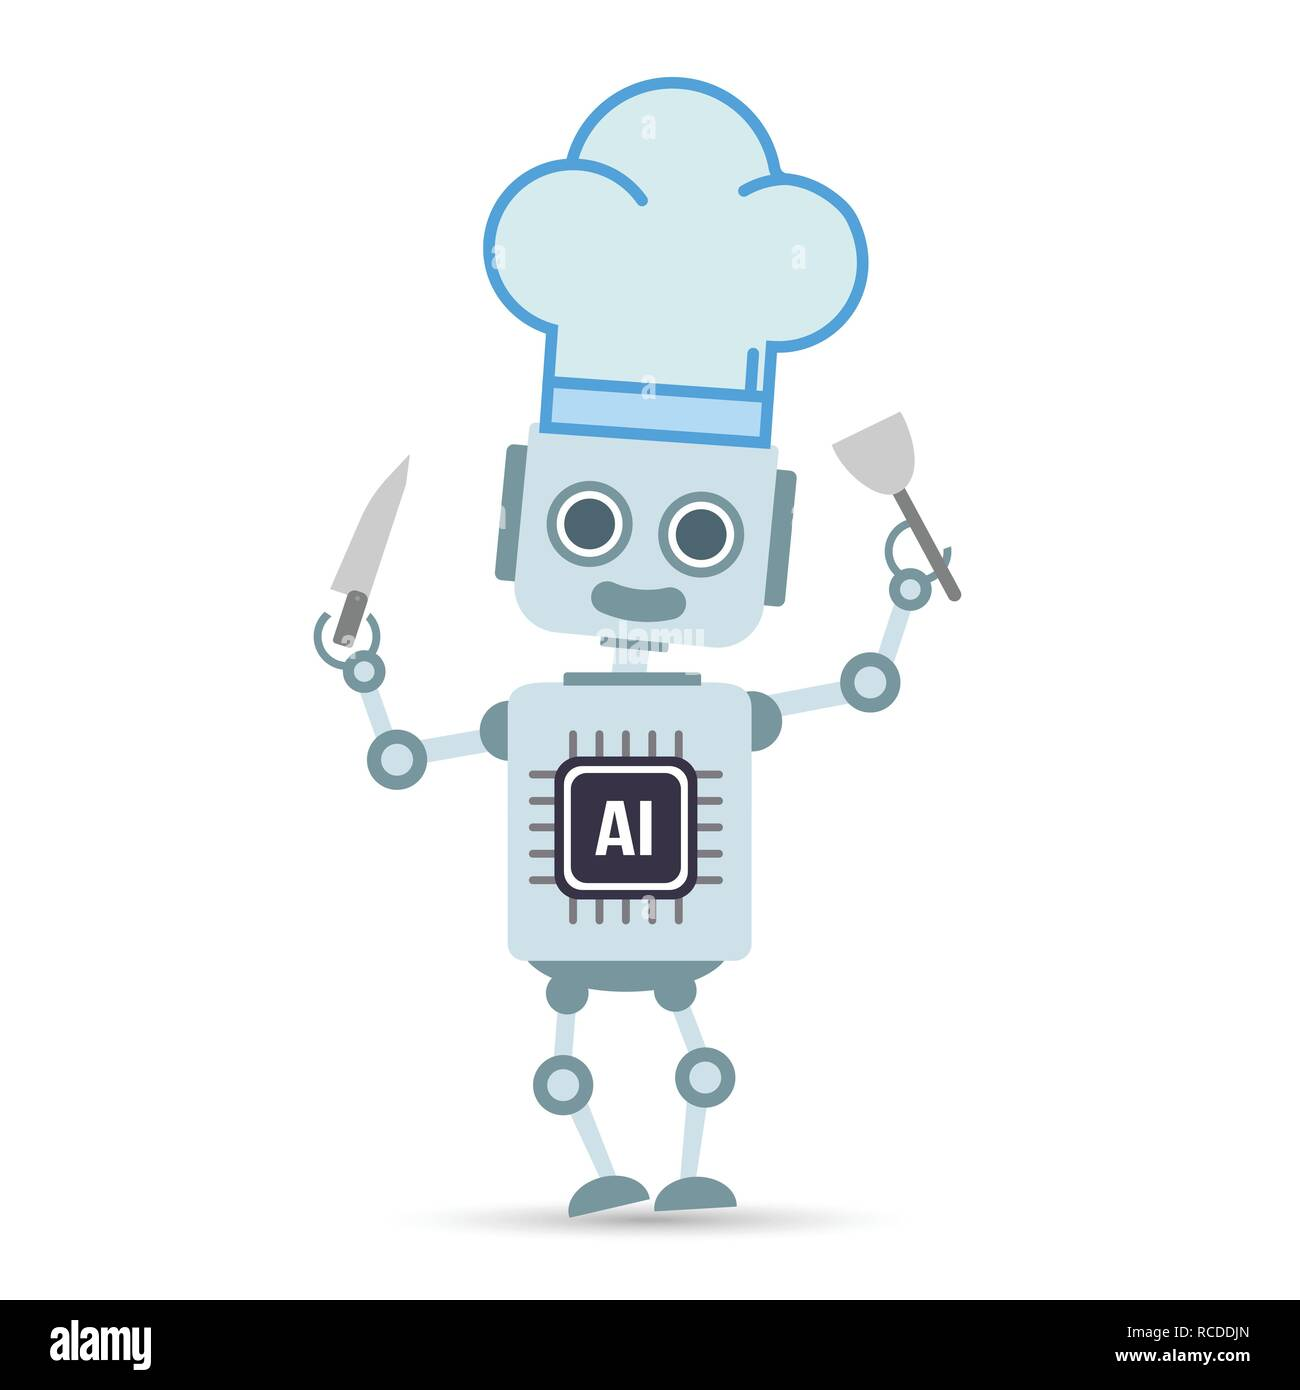 AI Inteligencia artificial tecnología robot está cocinando alimentos elemento diseño ilustración vectorial EPS10 Ilustración del Vector